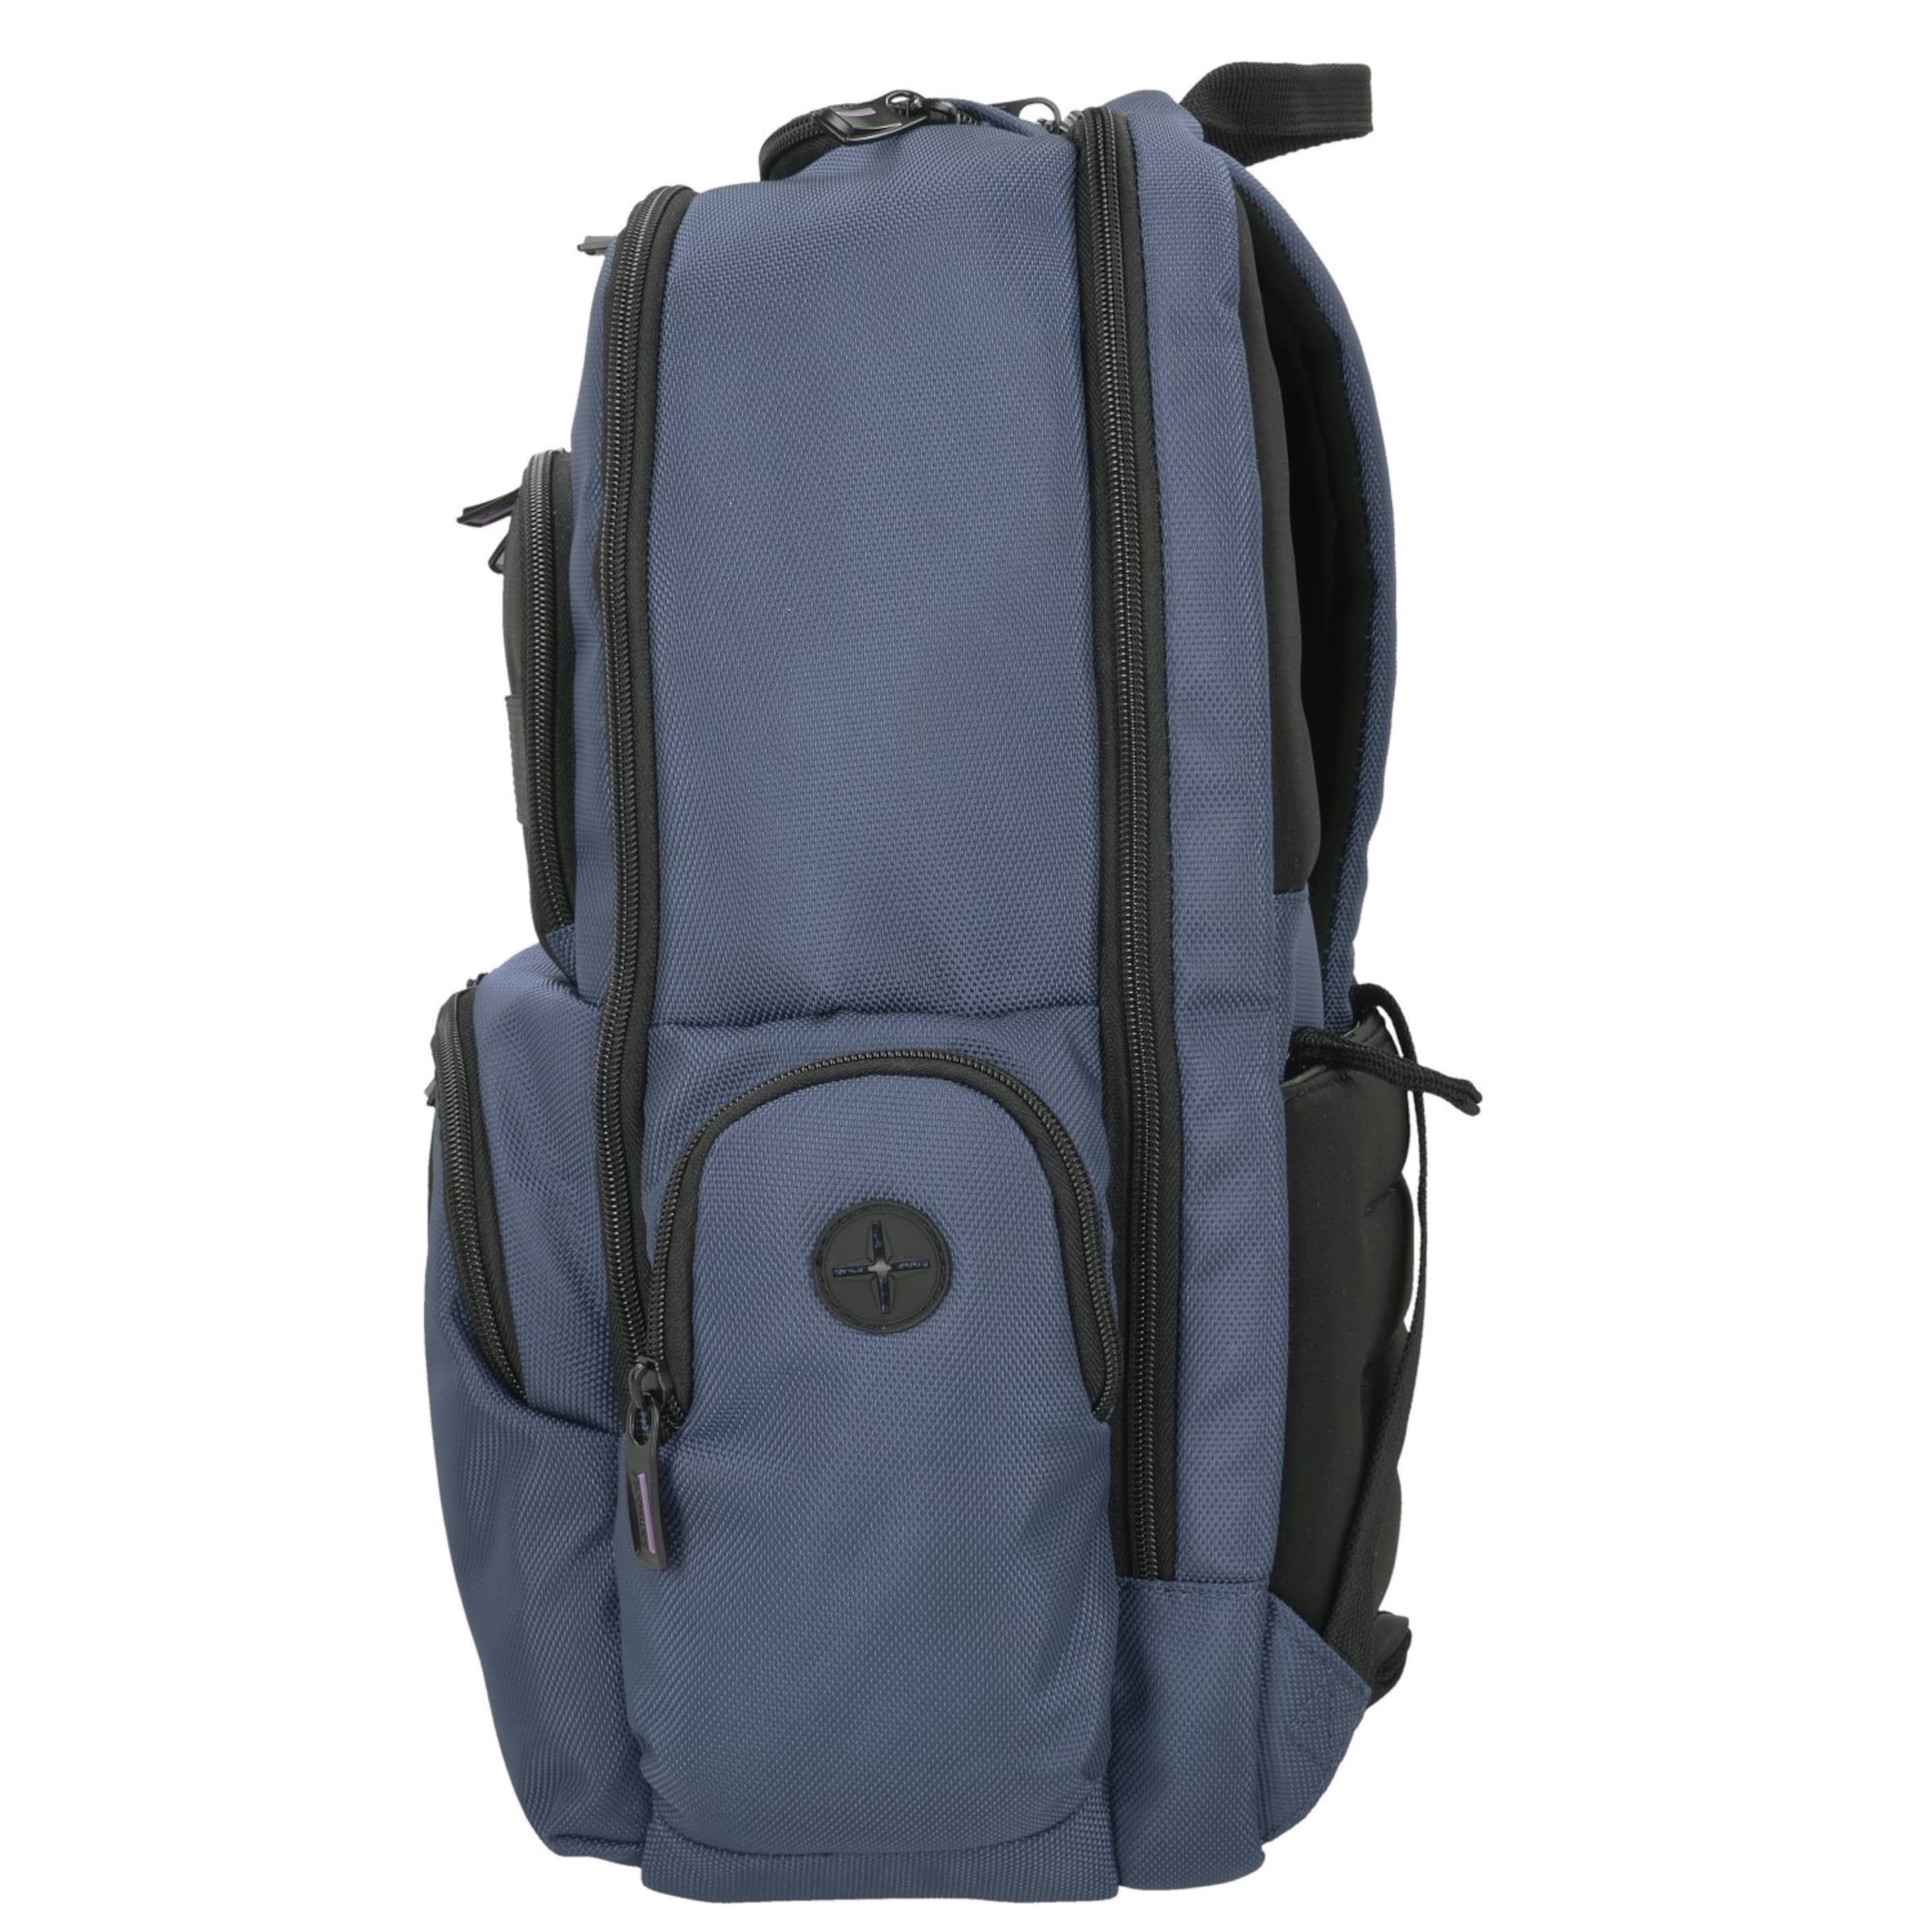 SAMSONITE Infinipak Business Rucksack 44 cm Laptopfach Mit Paypal In Deutschland Zu Verkaufen Mode Online eiVyK